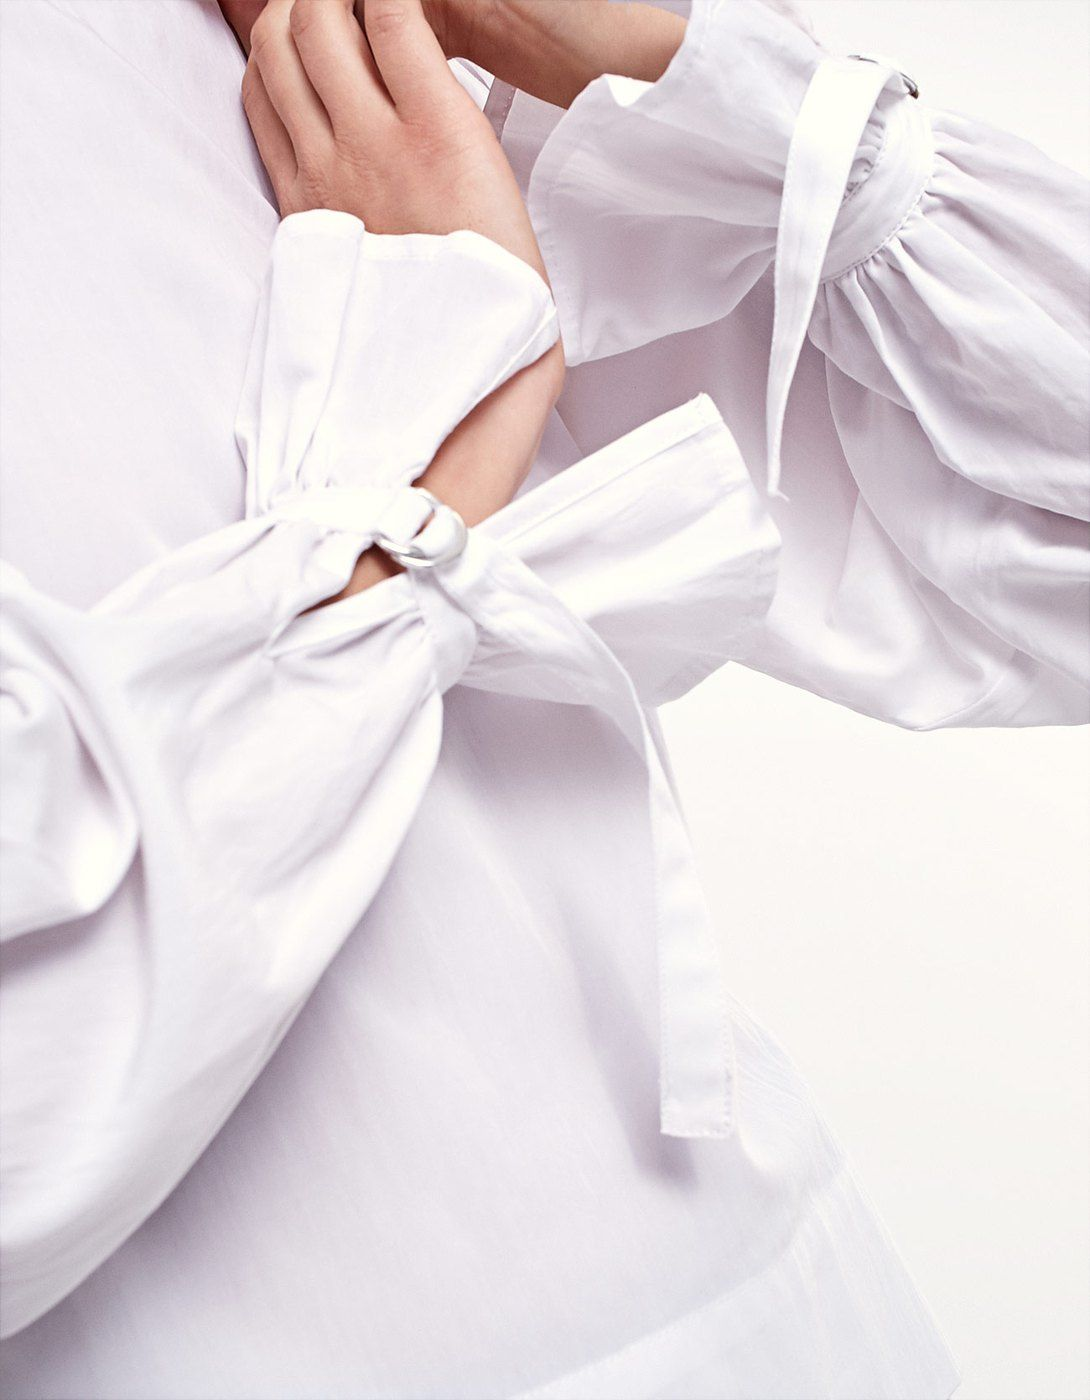 Opgeschikt hemd met gespen - Hemden| Stradivarius Netherlands